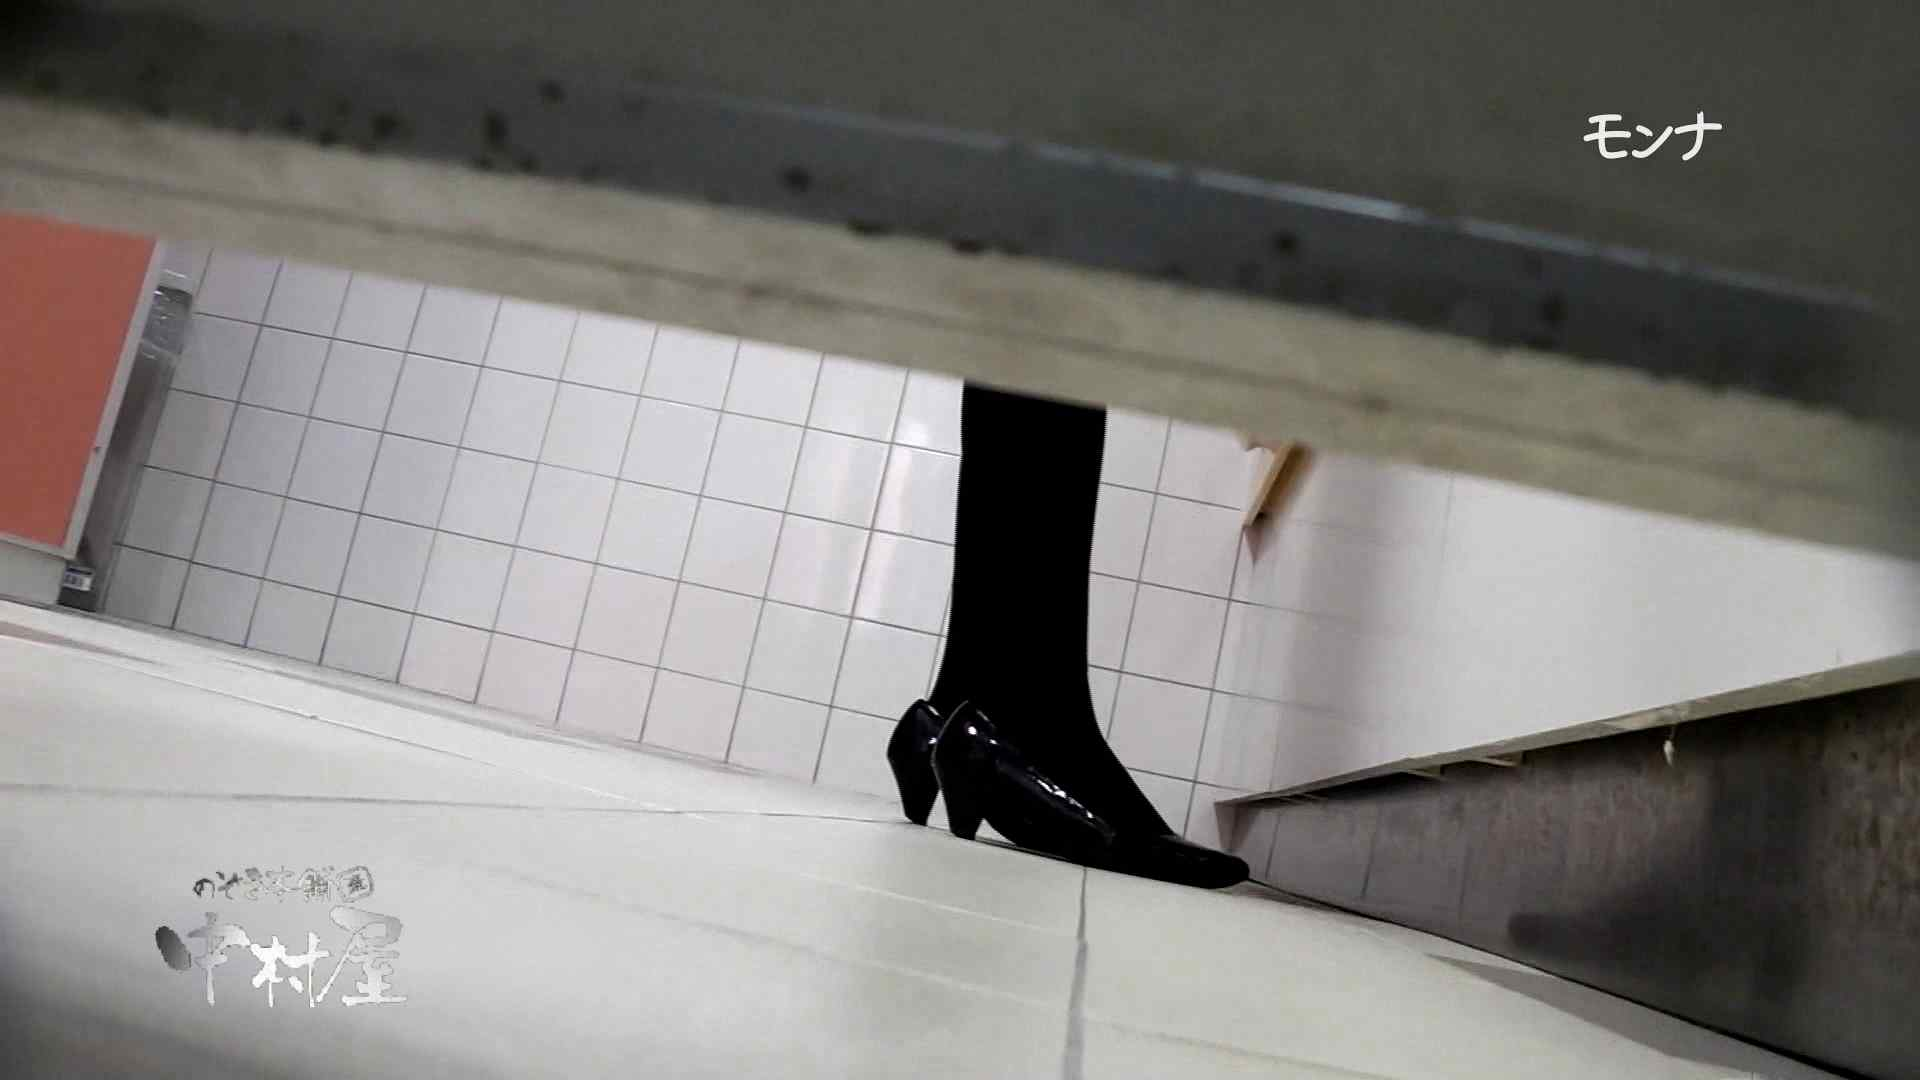 【美しい日本の未来】新学期!!下半身中心に攻めてます美女可愛い女子悪戯盗satuトイレ後編 悪戯 | 下半身  97pic 19